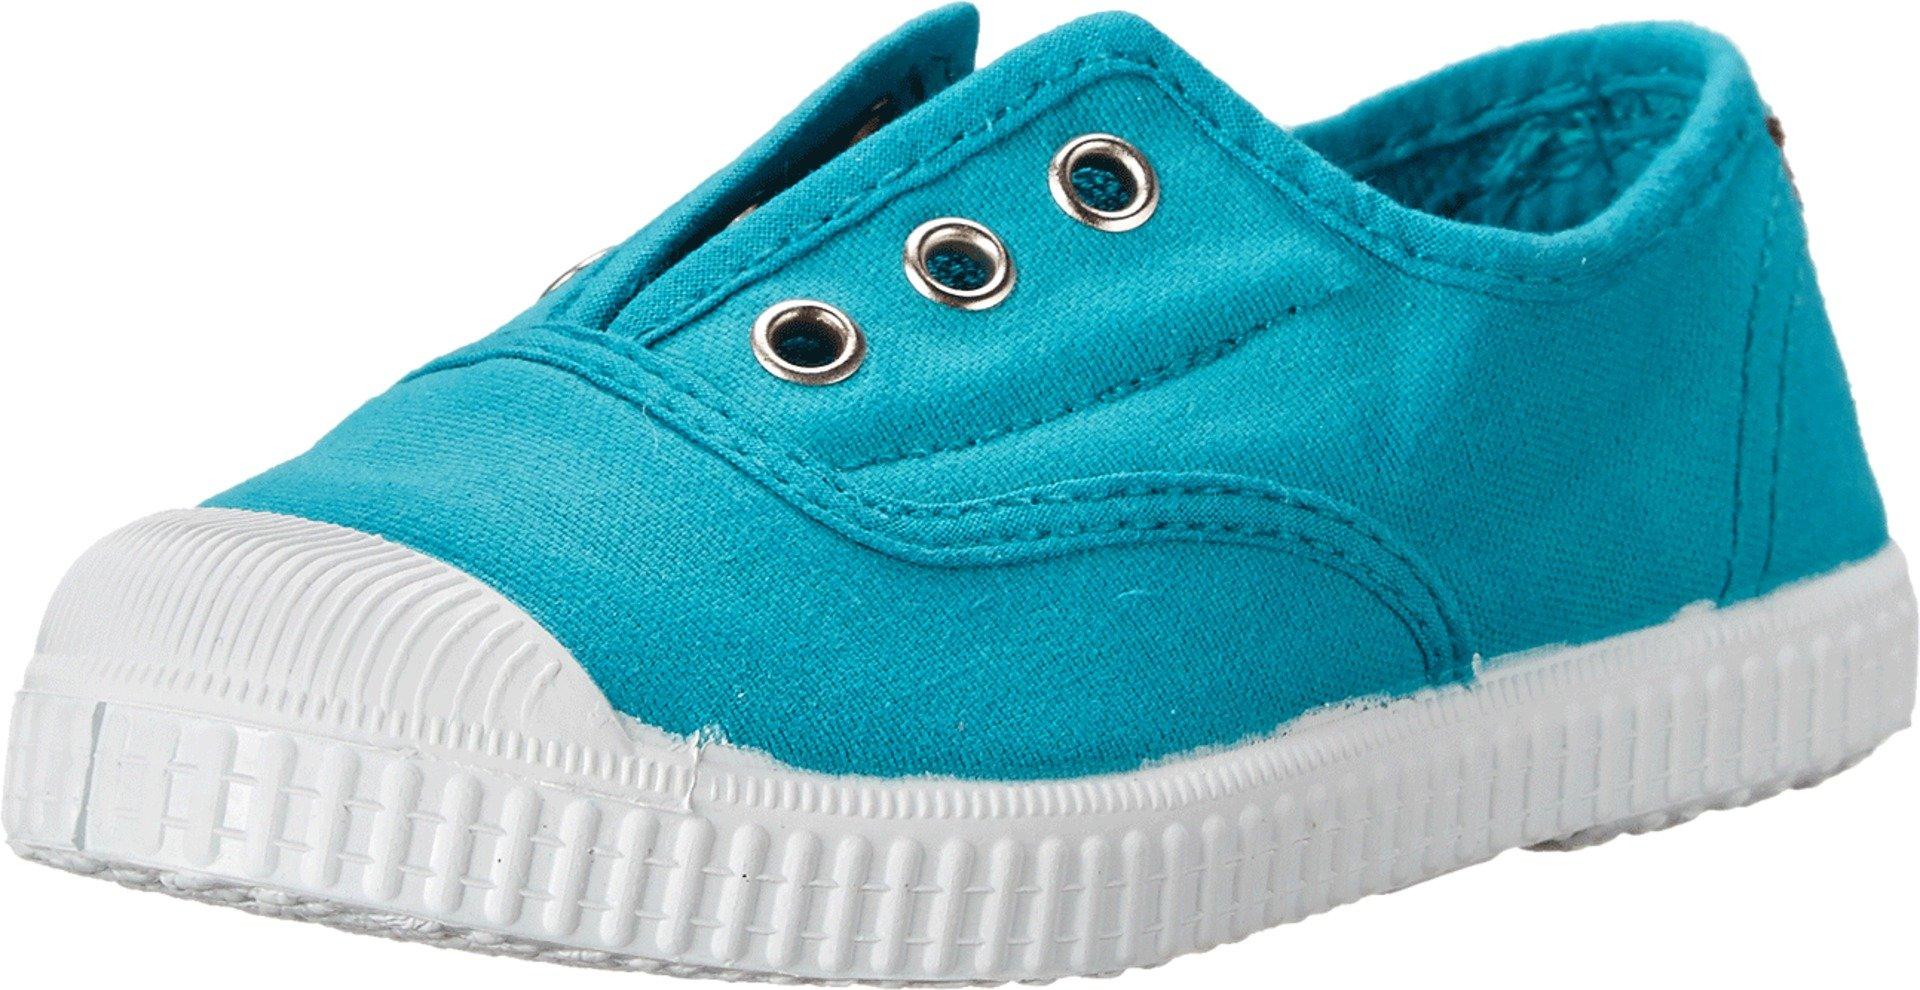 Coral 1 Loafer Toddler//Little Kid//Big Kid Cienta Kids Shoes Baby Girls 70997